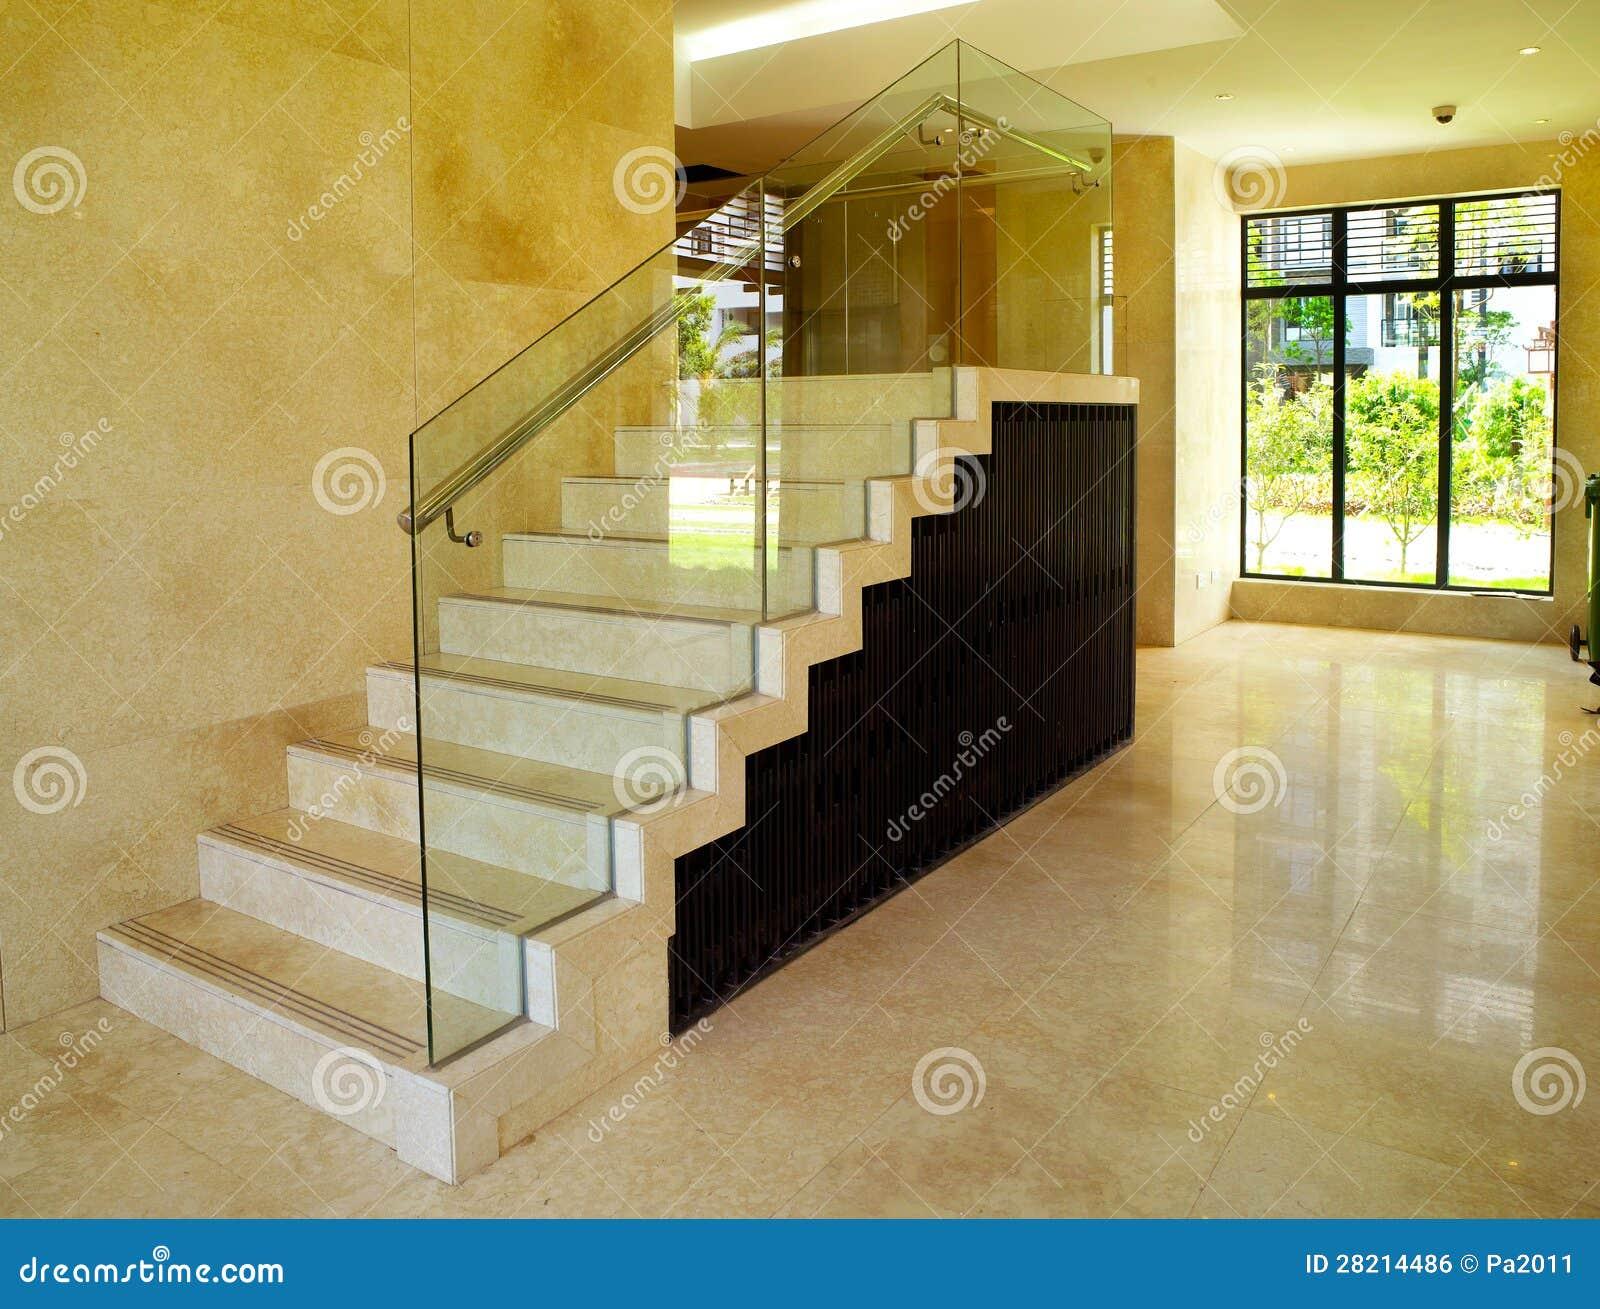 Dise o interior moderno escalera imagen de archivo libre - Escaleras diseno interior ...